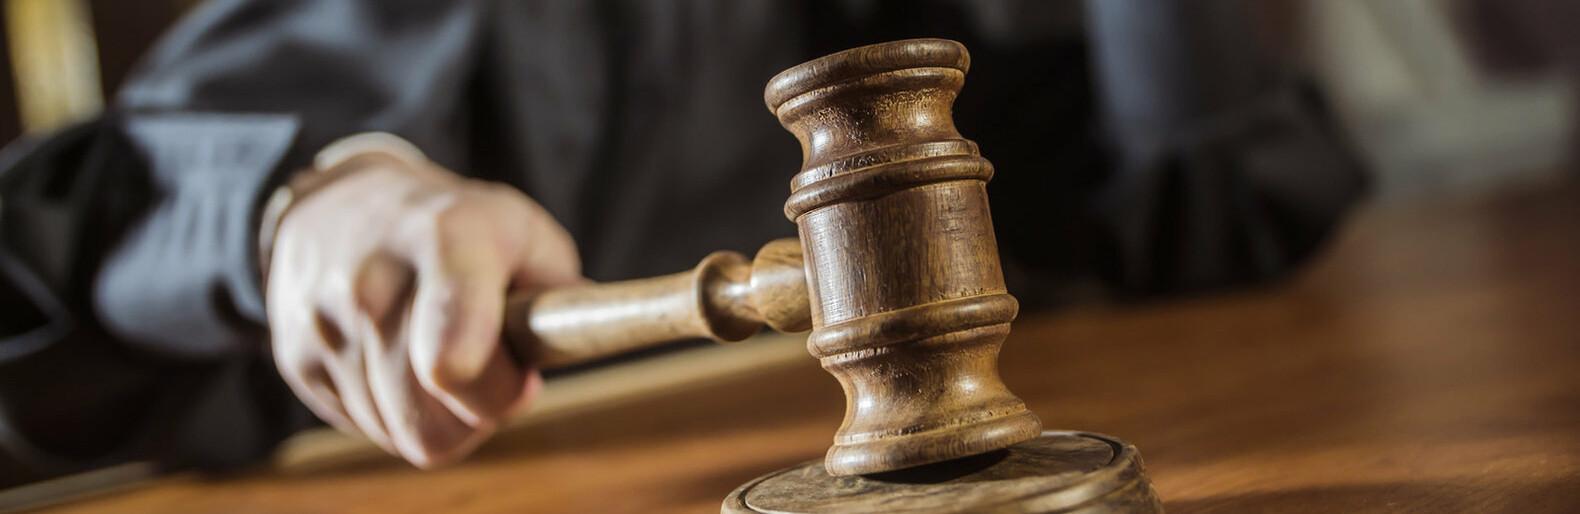 В Одесской области адвокат угрожал убийством судье0